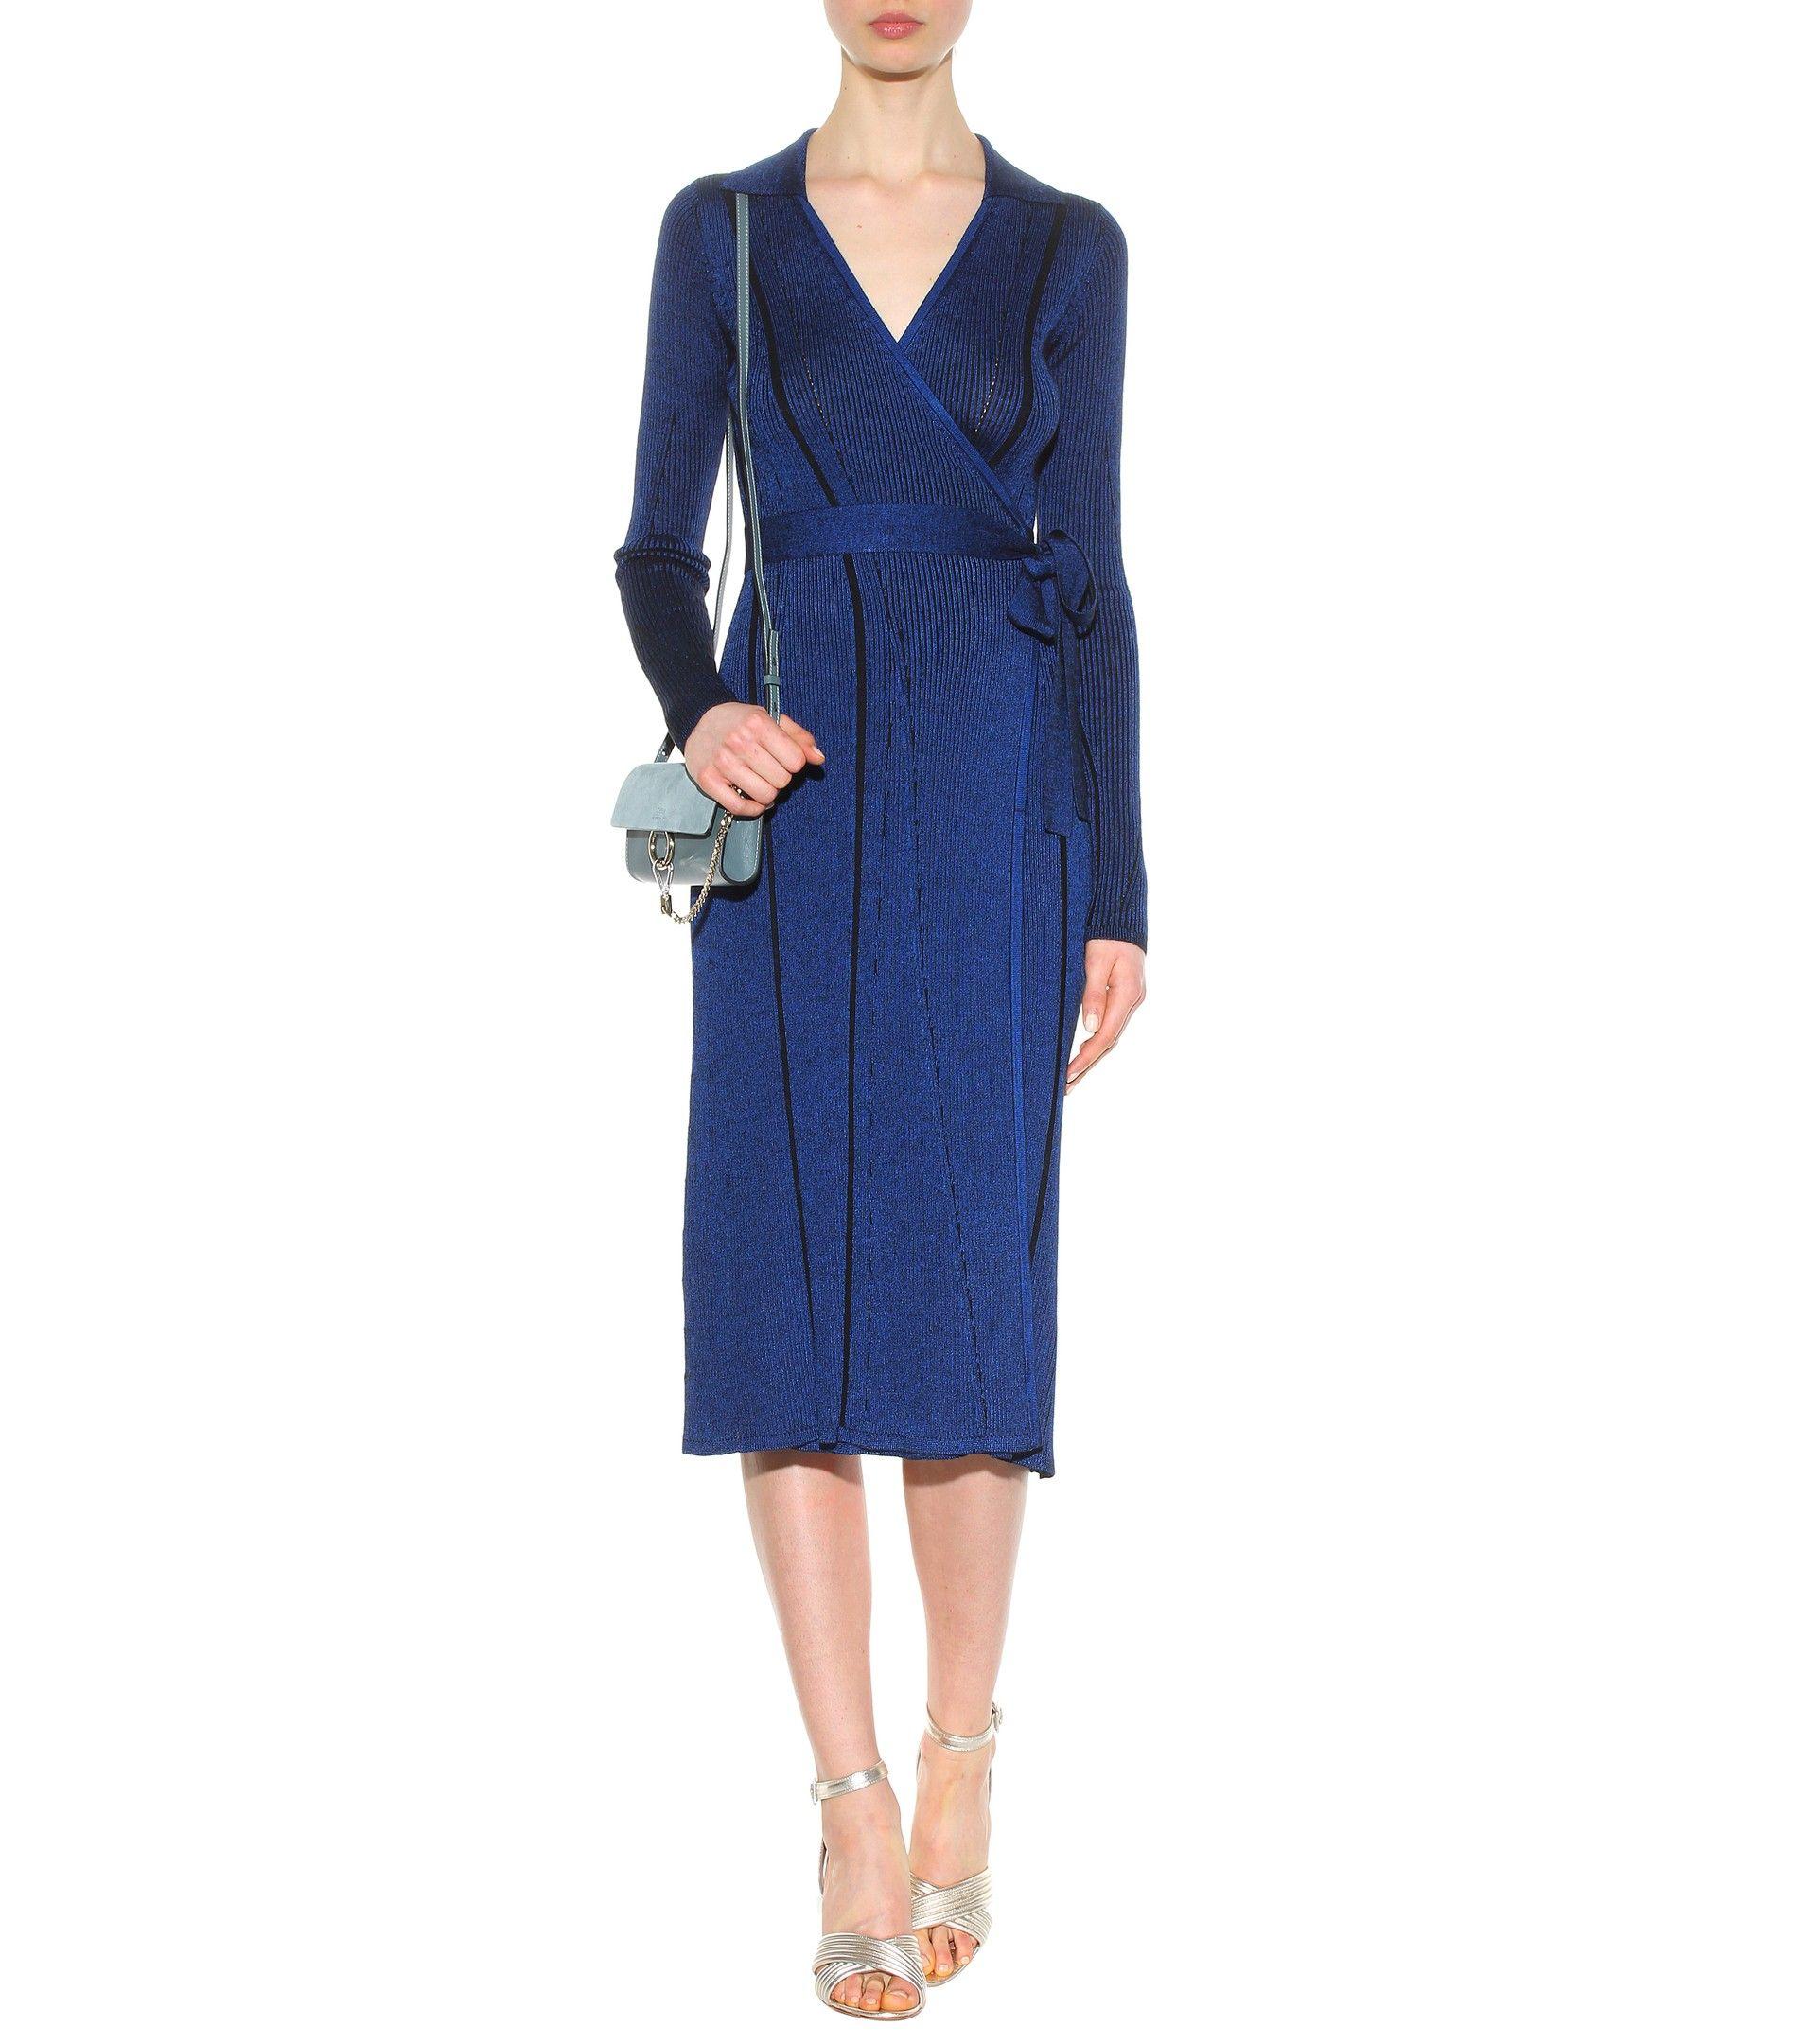 Diane Von Furstenberg Woman Wool-blend Dress Cobalt Blue Size 4 Diane Von Fürstenberg ow5idC0eOG